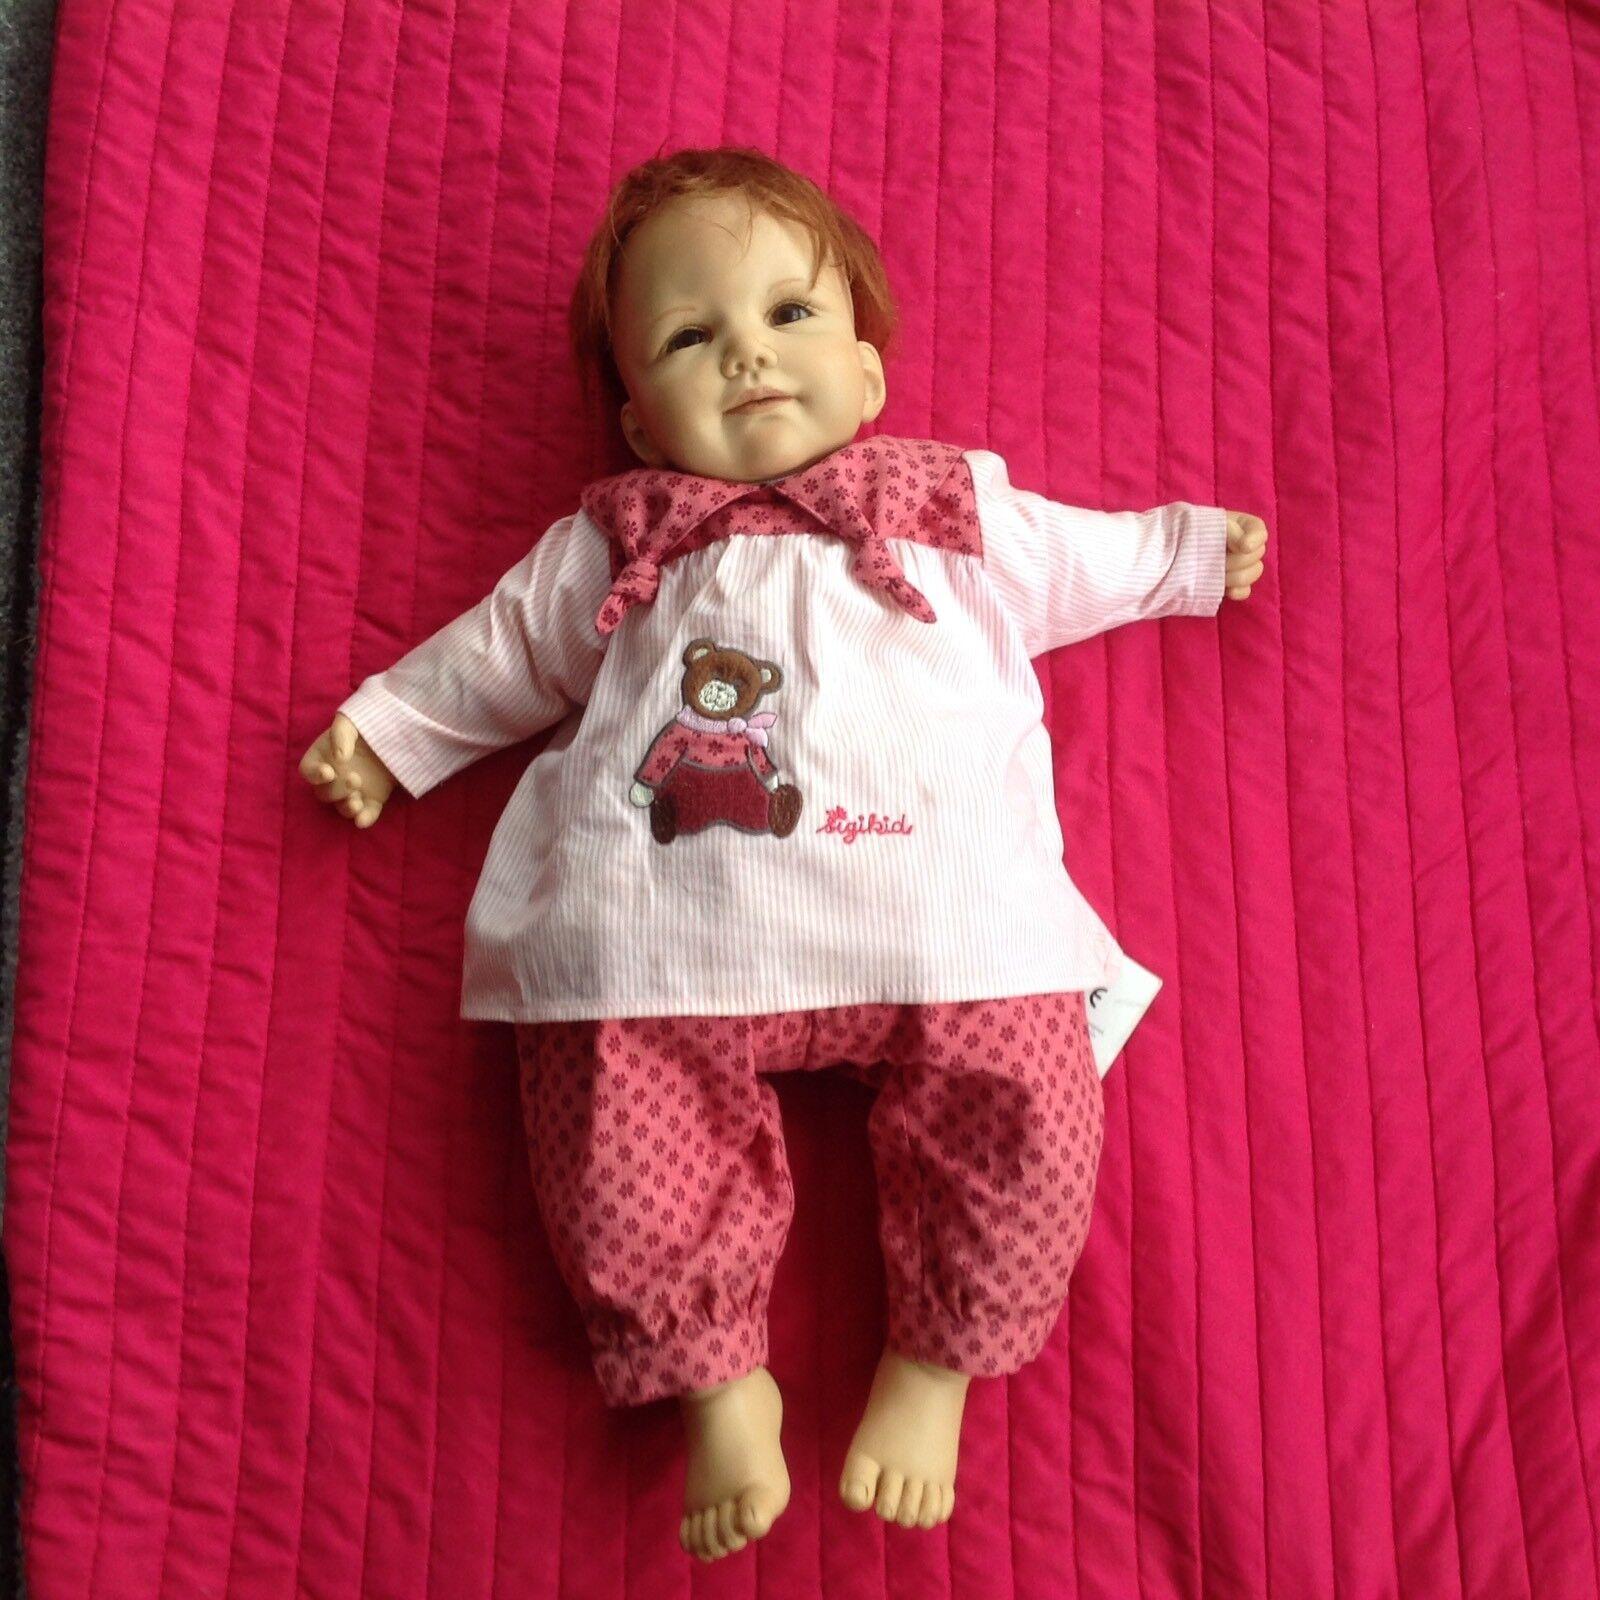 Rare Limited Edition Sigikid Artist Babies By Jannie de de de Lange Little Sally 8d205b